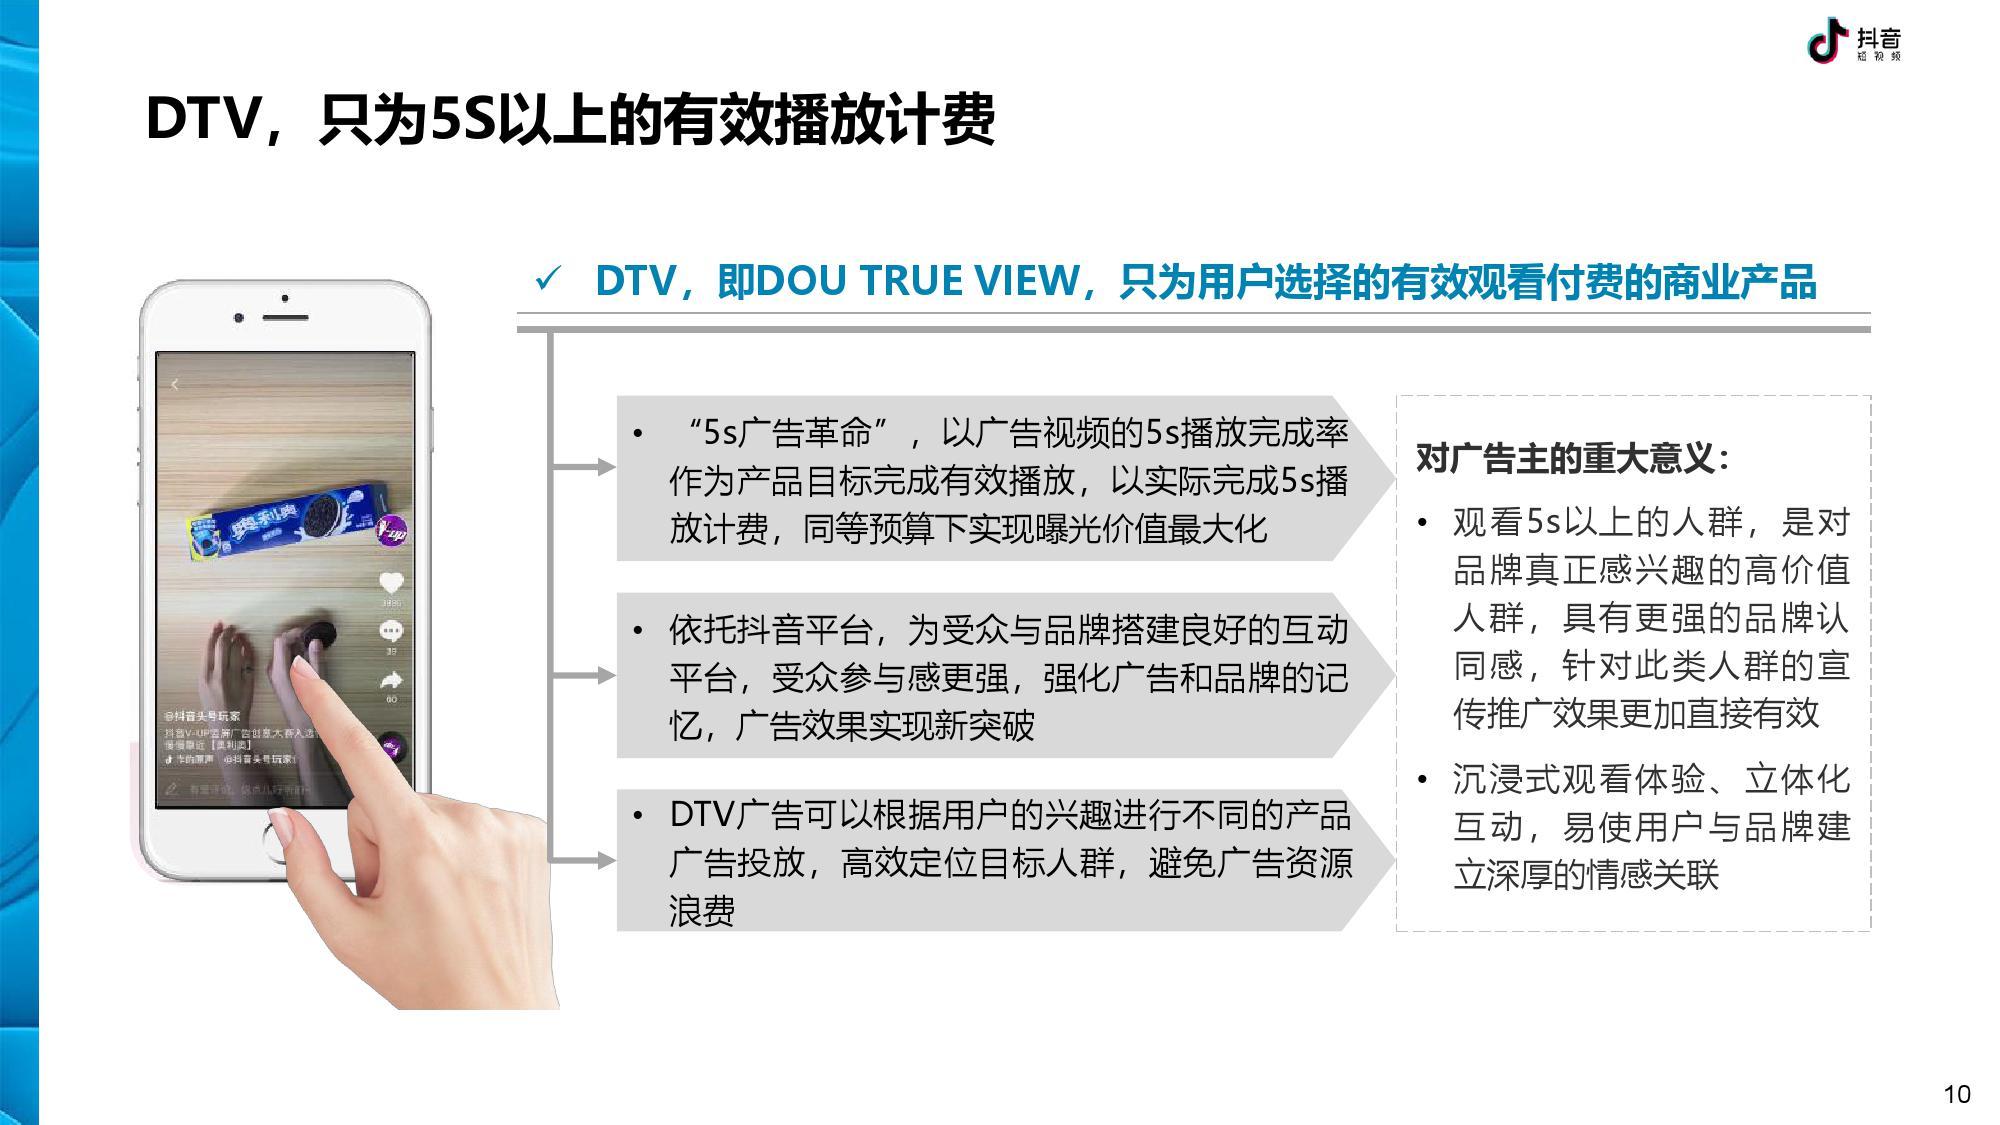 抖音 DTV 广告营销价值白皮书-CNMOAD 中文移动营销资讯 10